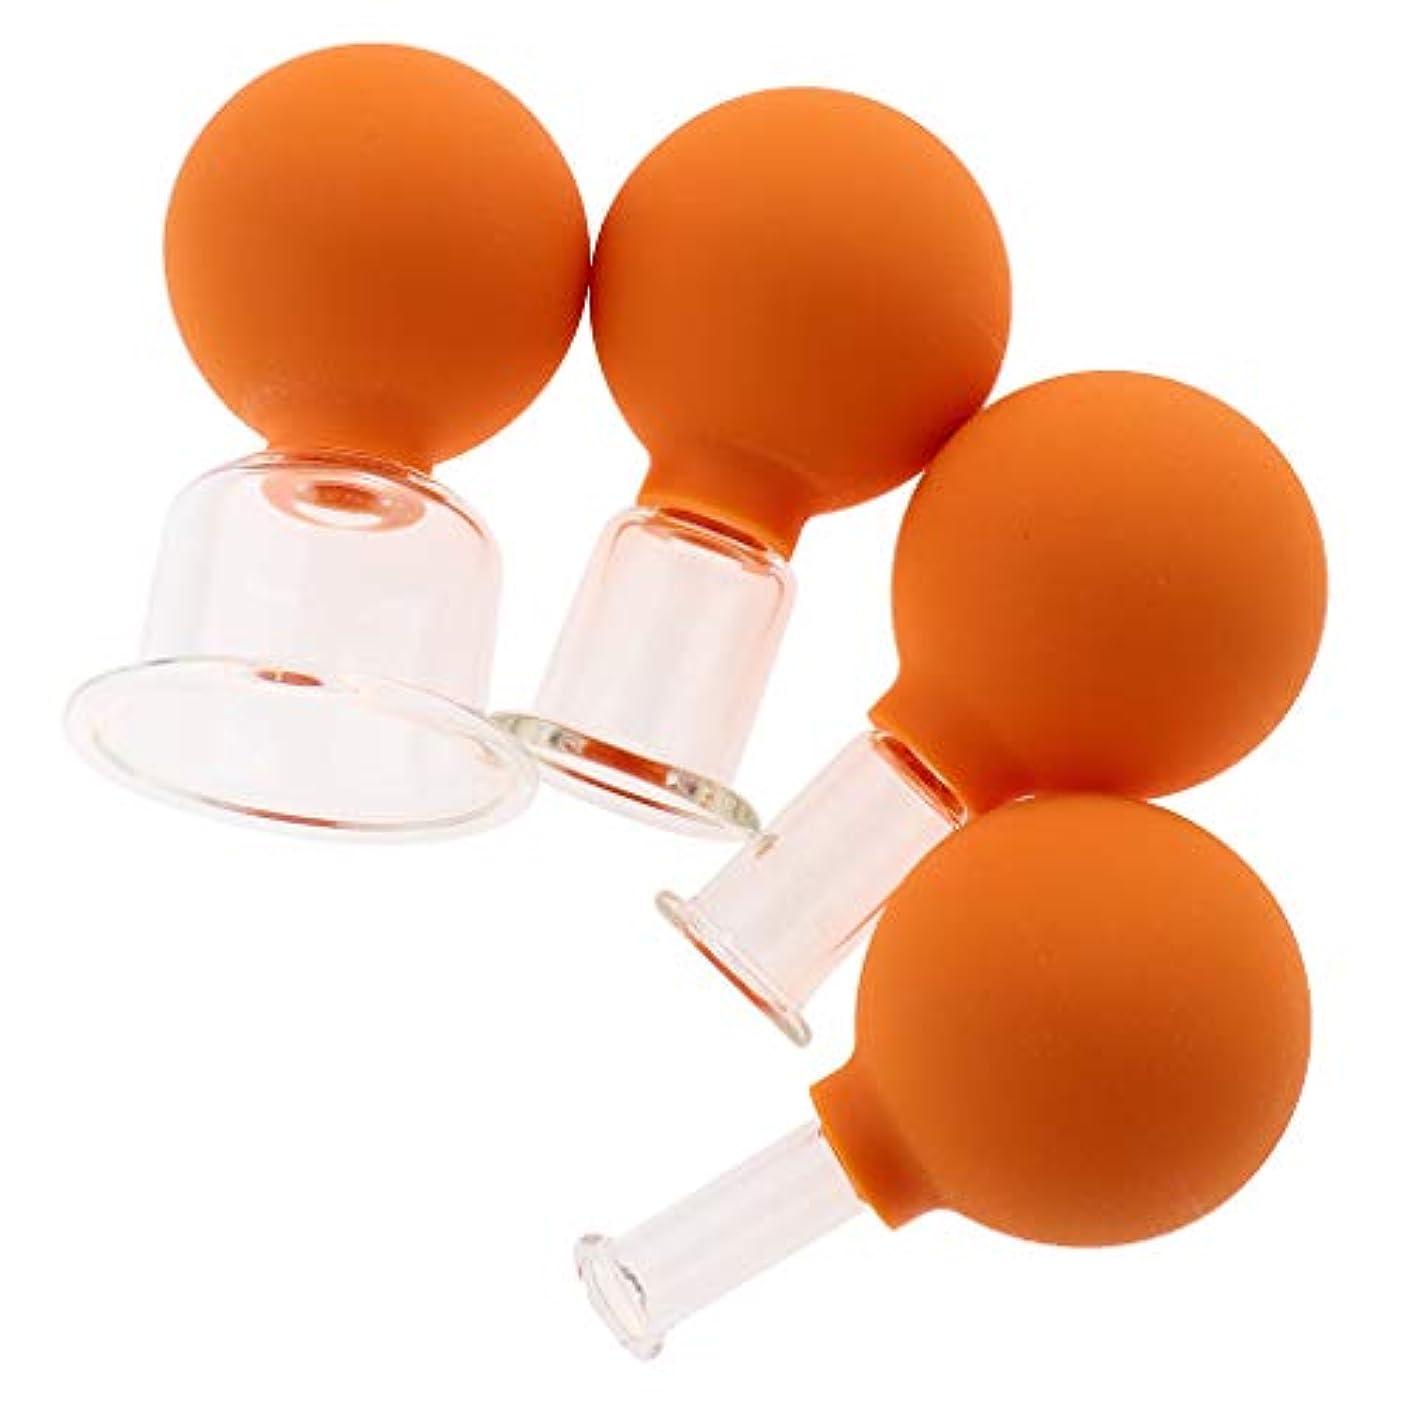 守る葉巻移住するCUTICATE 全3色 マッサージカップ ガラスカッピング 吸い玉 マッサージ カッピングセット 4個入 - オレンジ